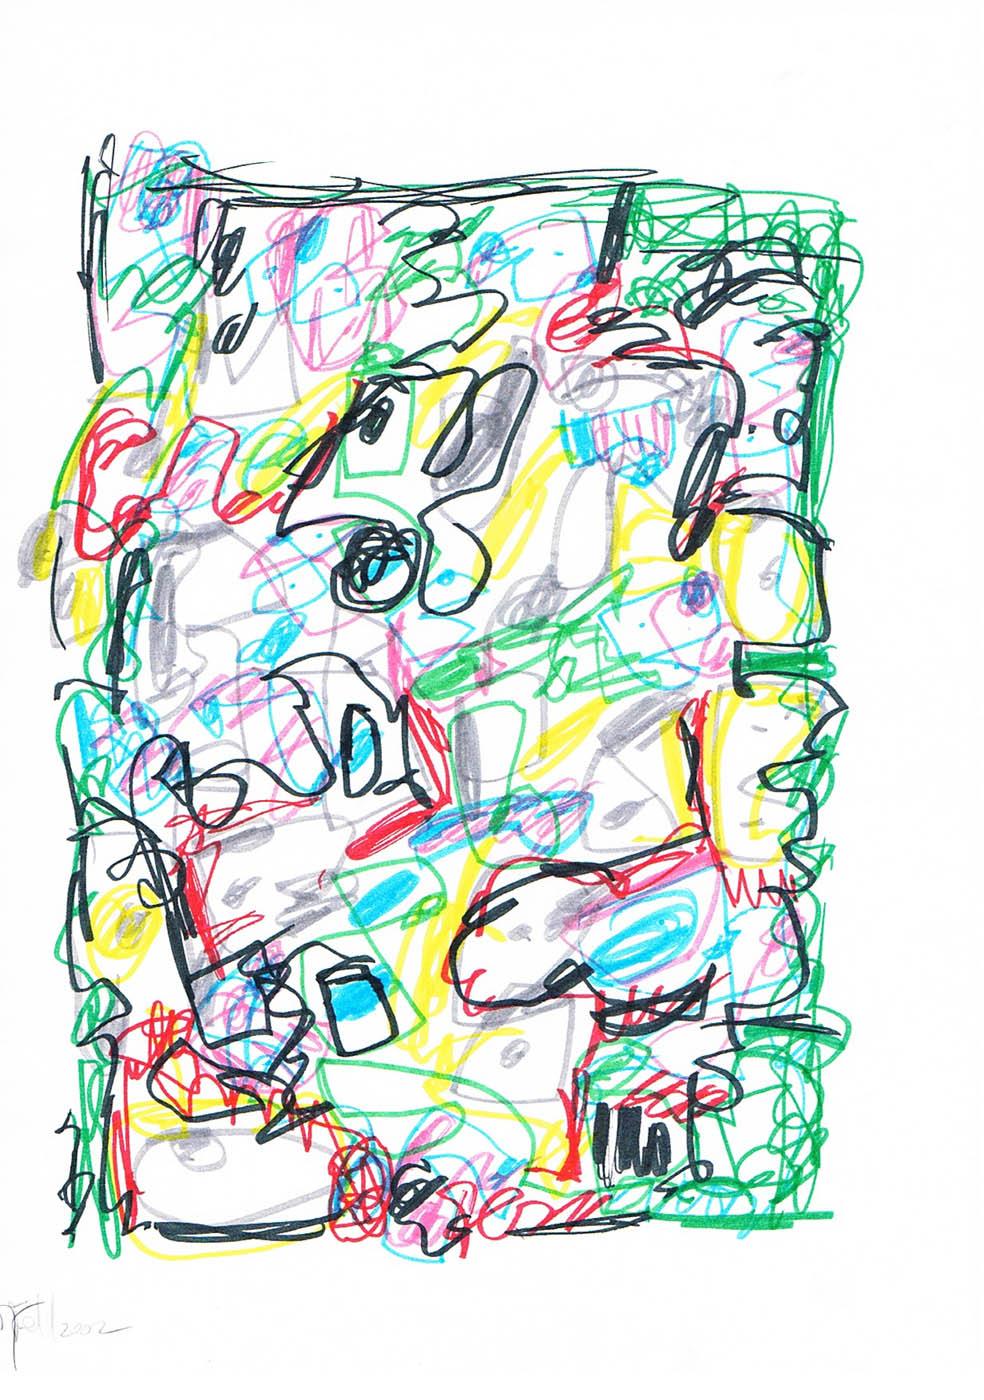 MARC FELD 2002 VOLIÈRE 4 Stylo feutre sur papier 21 x 29,7 cm